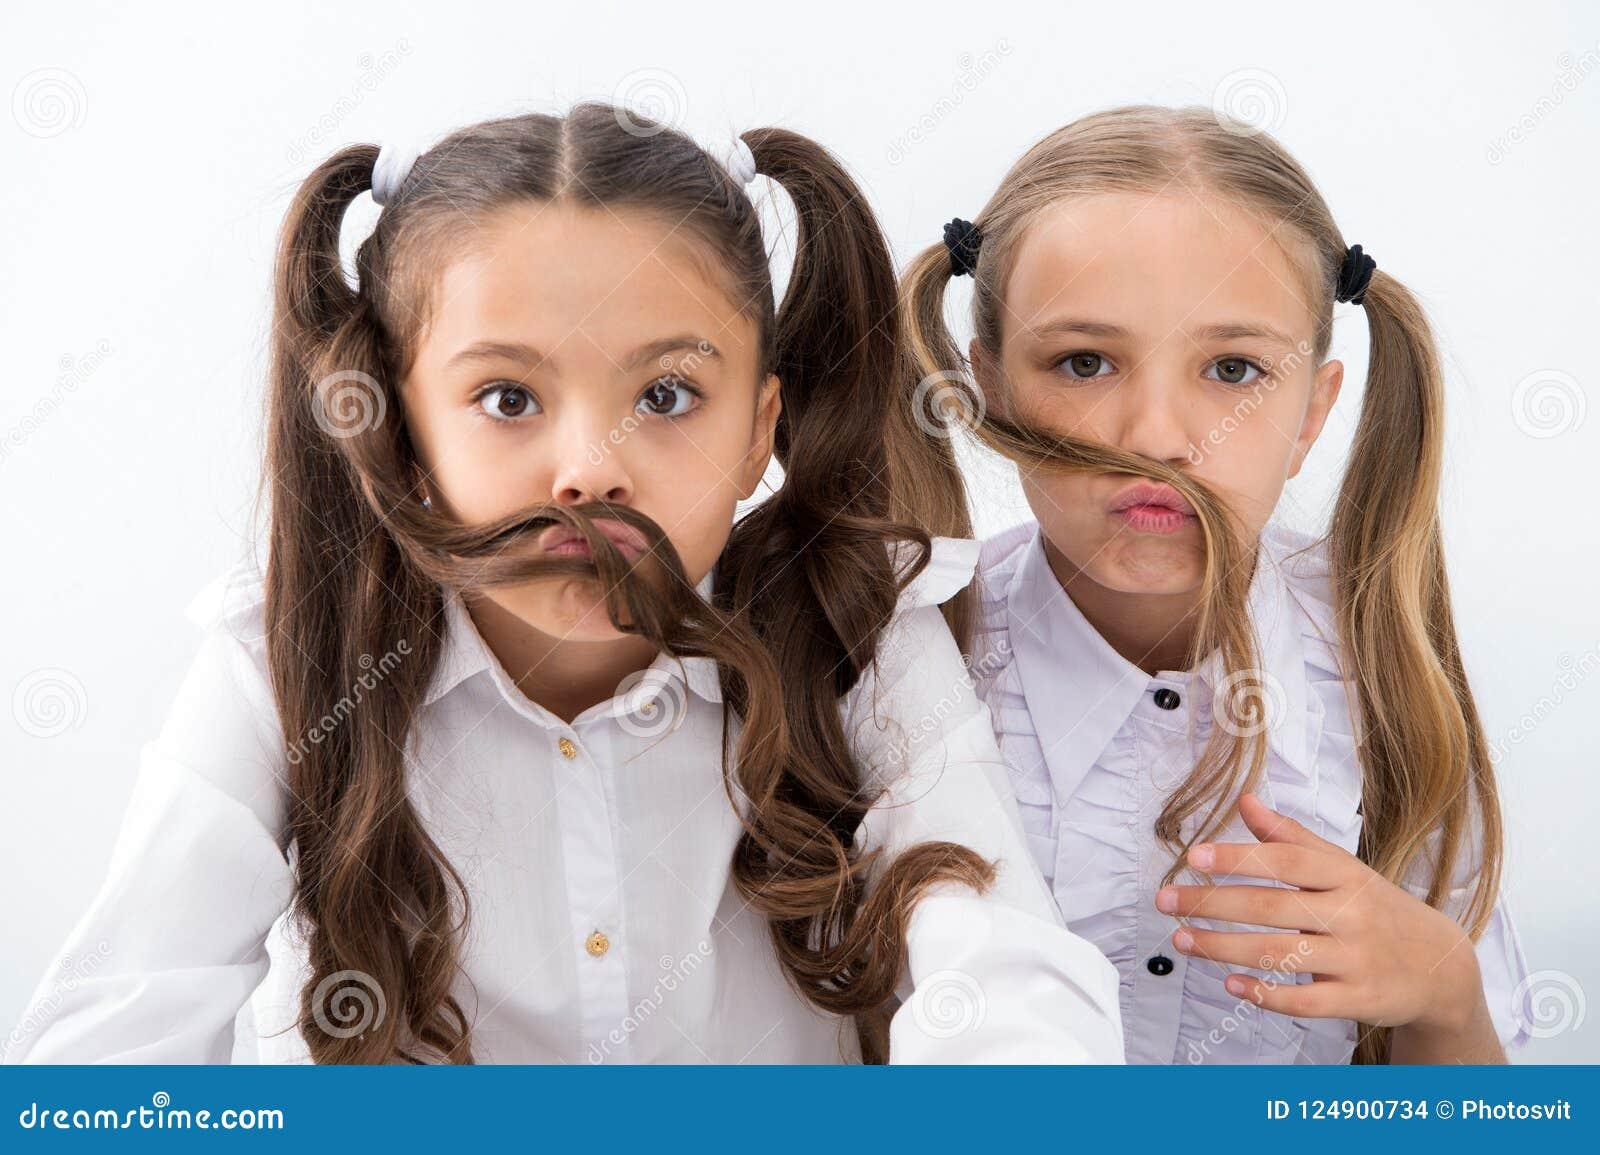 Małe Dziewczynki Robią Wąsy Z Długie Włosy Fryzury Pojęcie